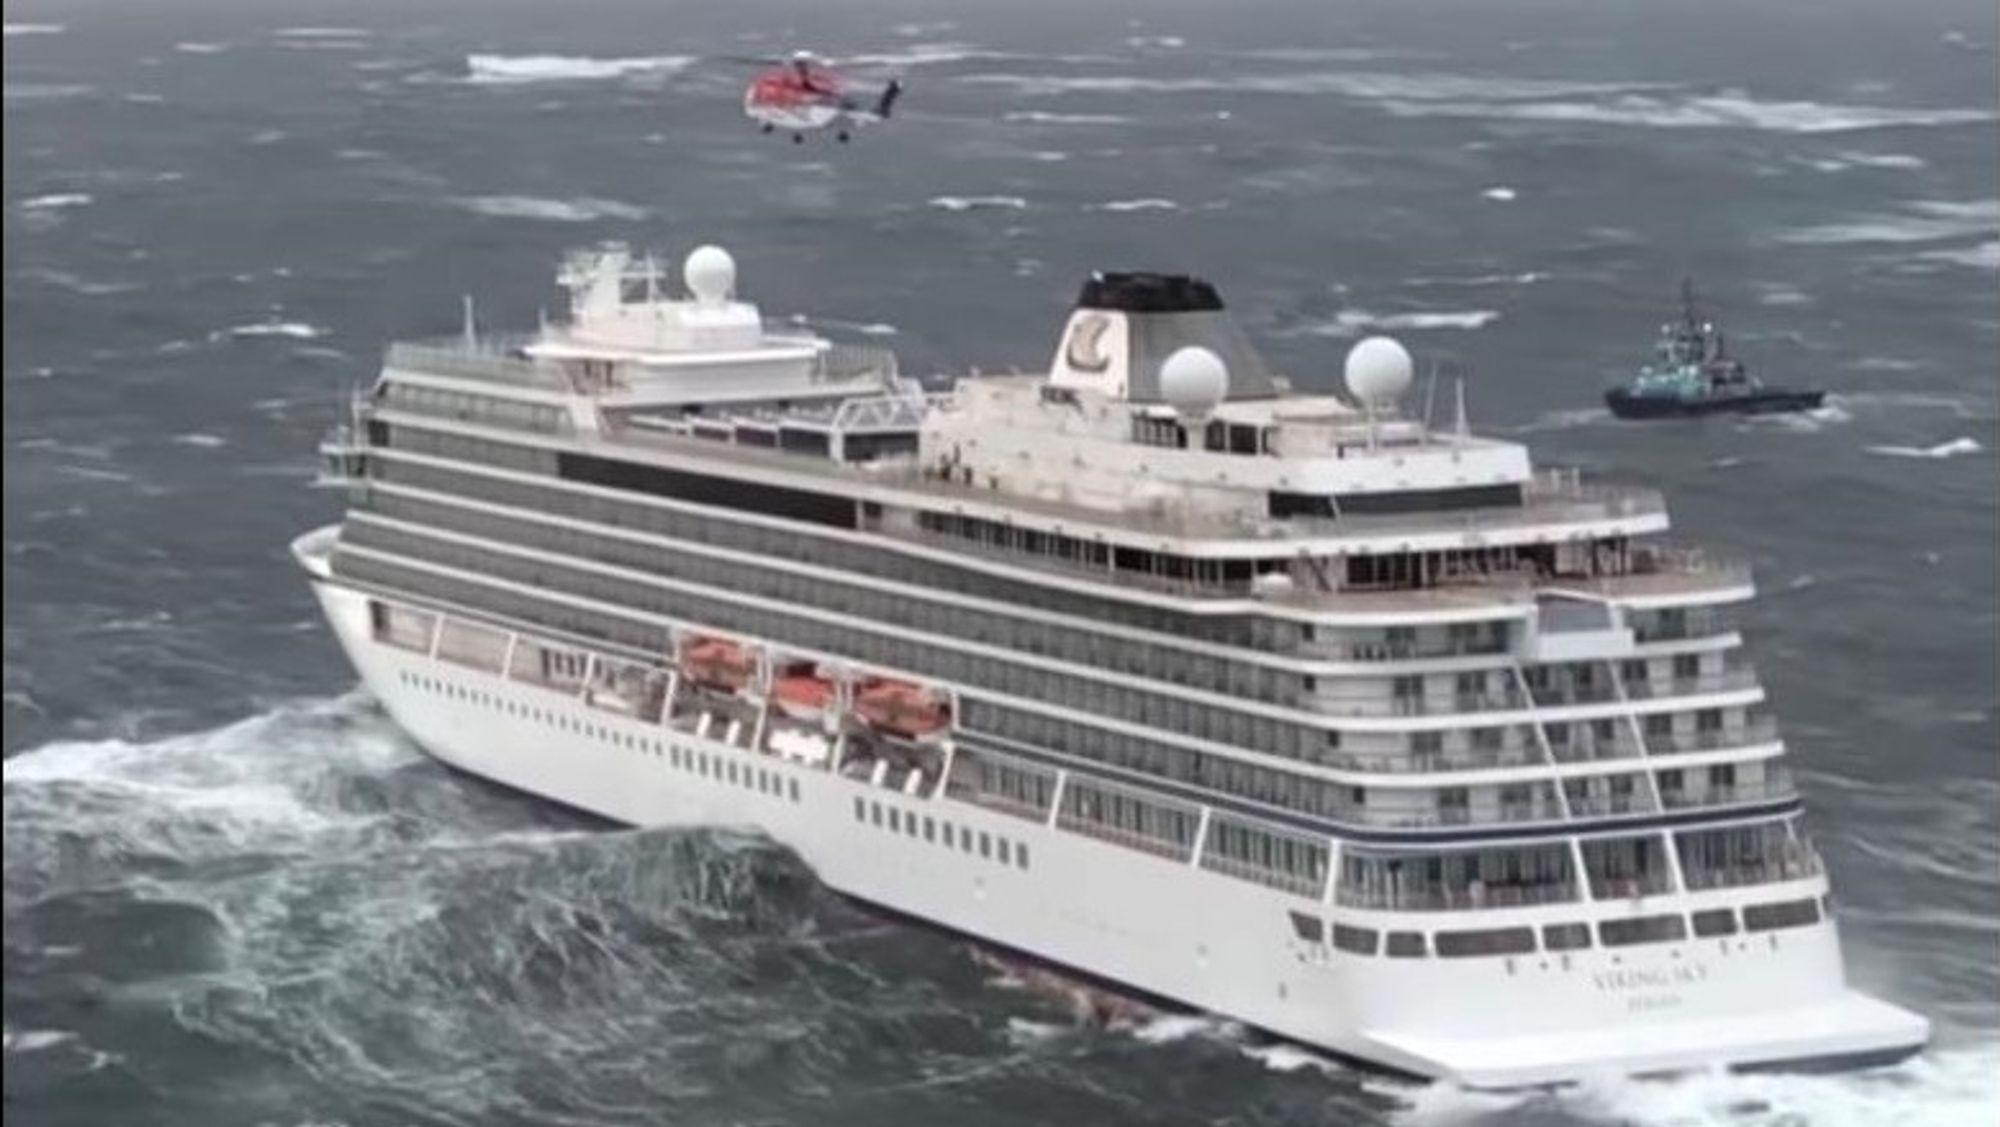 Det var 1373 personer om bord på Viking Sky. Evakuering via livbåter og andre fartøy var umulig. 470 ble reddet med helikopter.